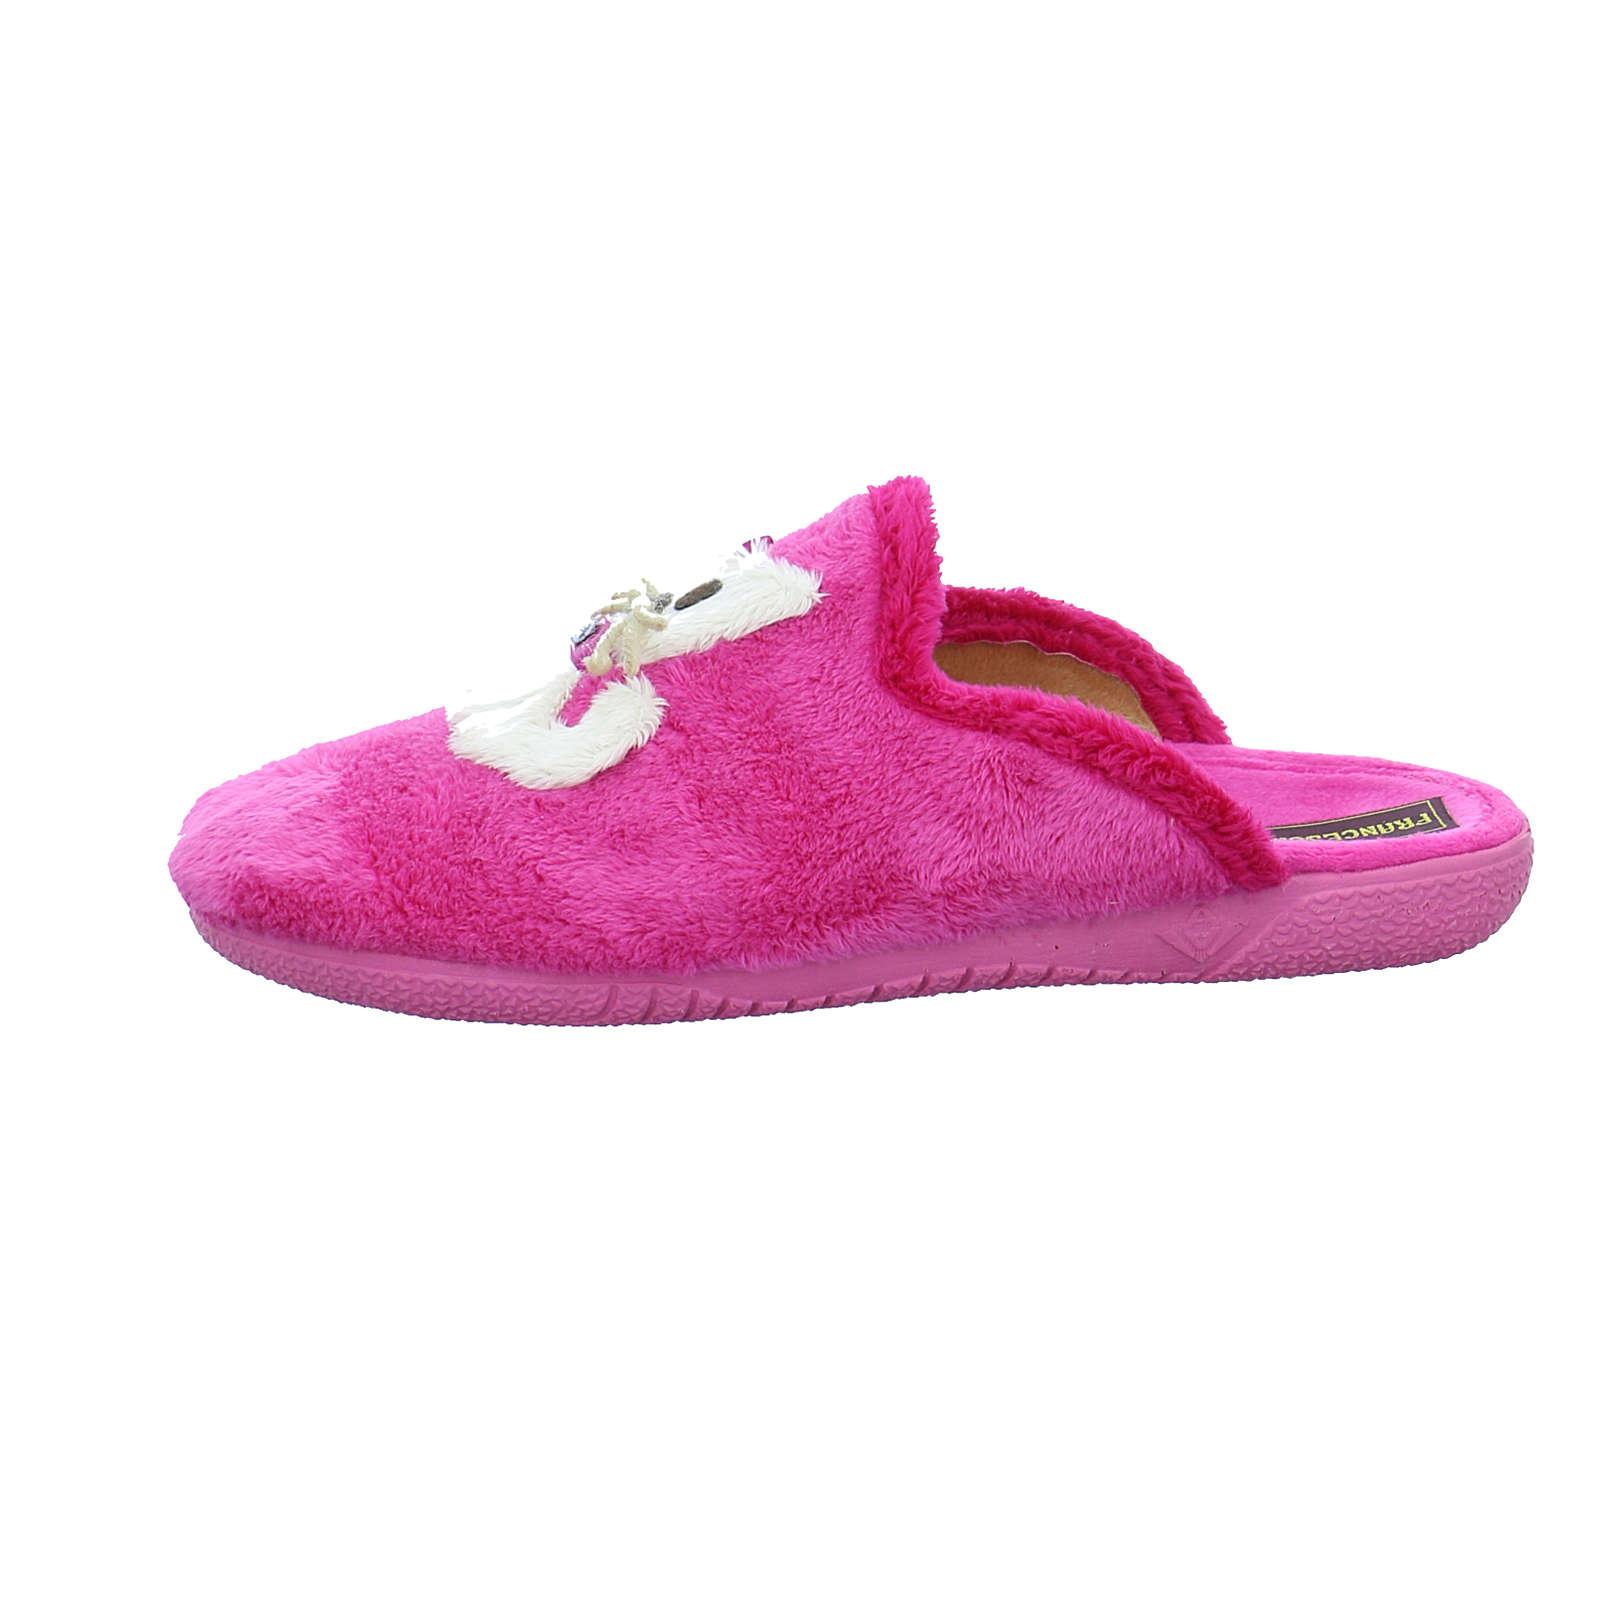 Francesca Pantoffeln pink Damen Gr. 37